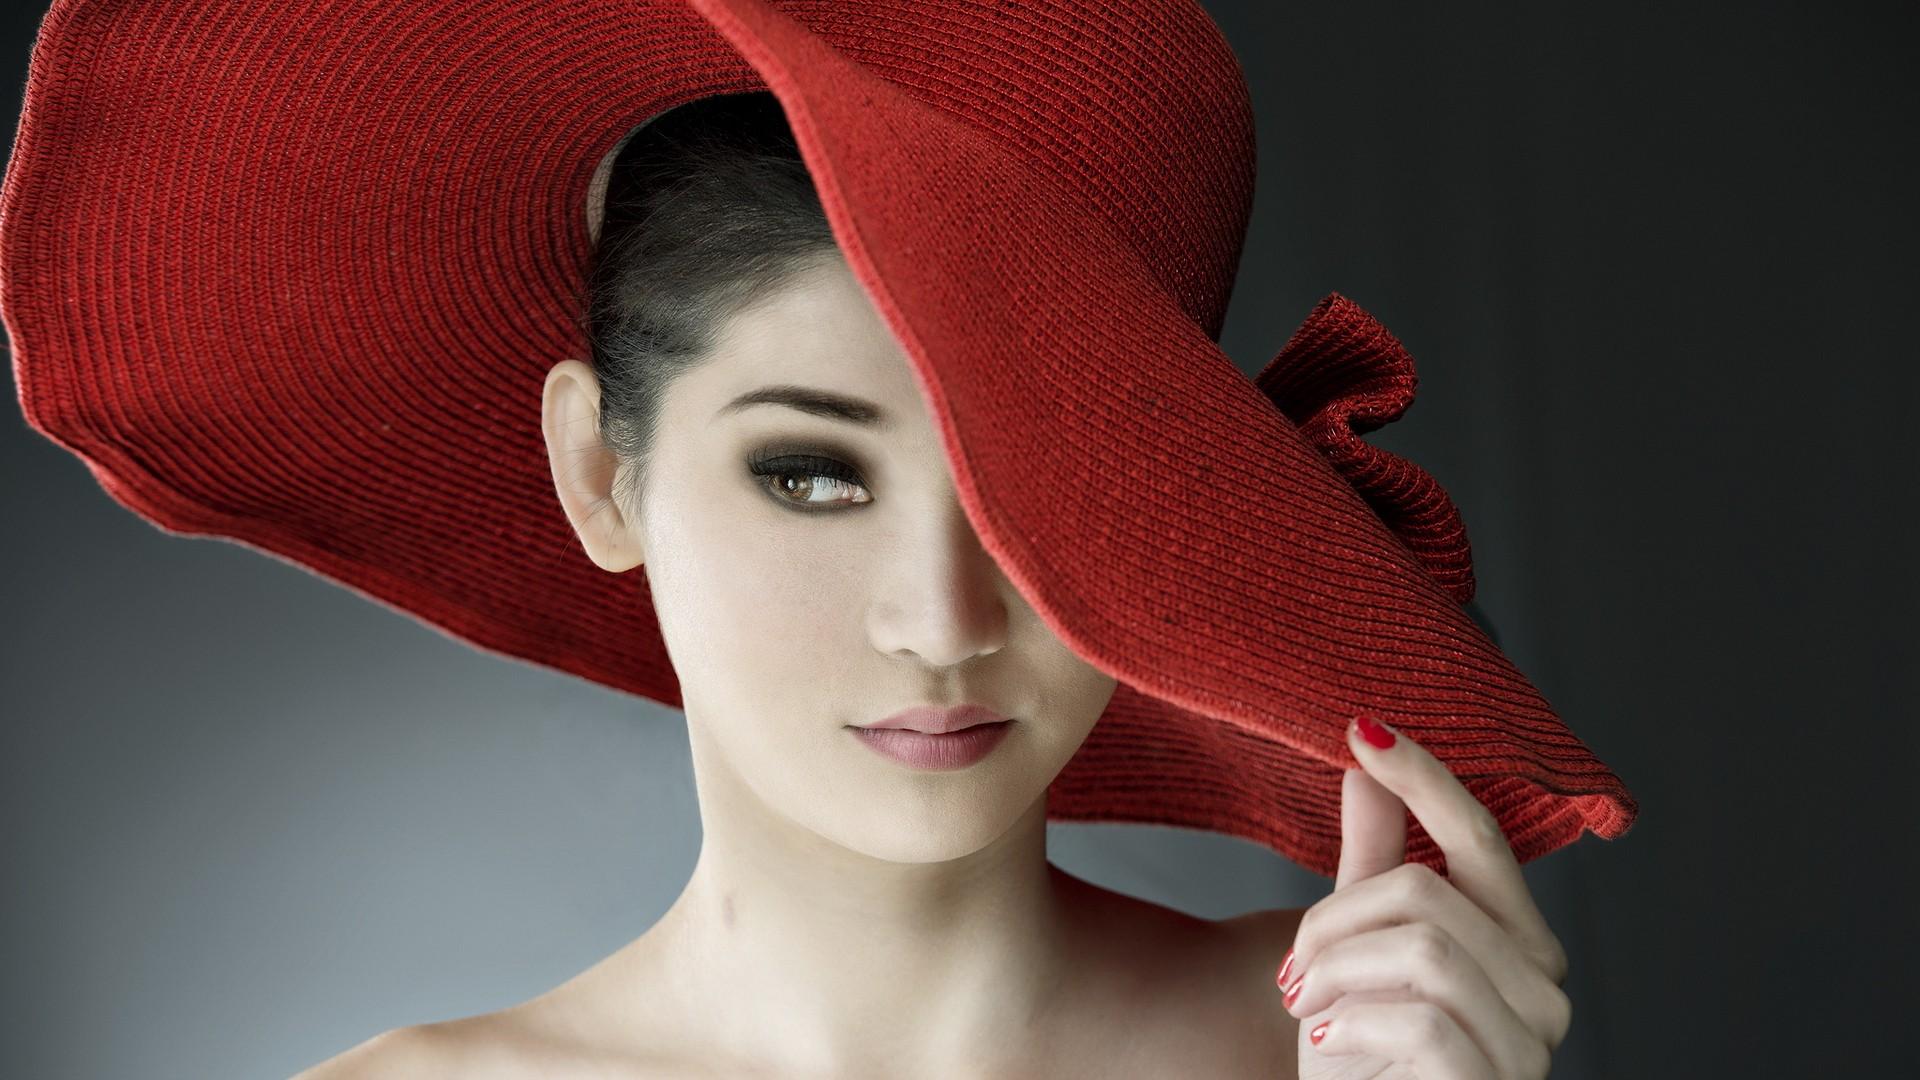 f678f92a5720a Sombrero rojo de paja hd 1920x1080 - imagenes - wallpapers gratis ...